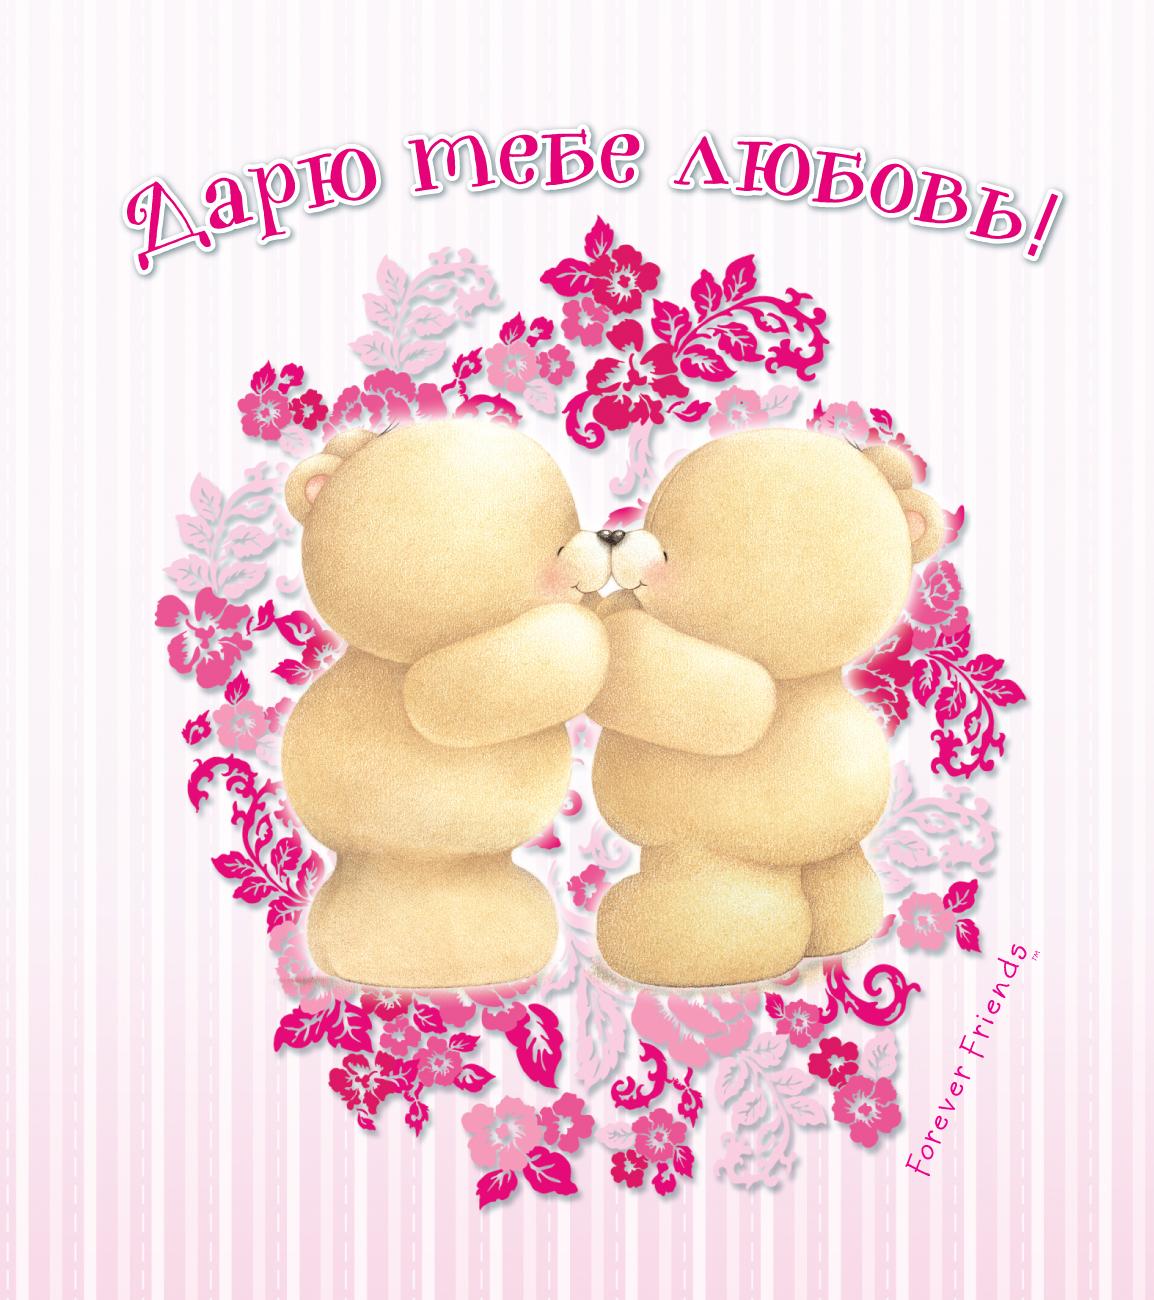 Милой открытки с любовью, поздравление